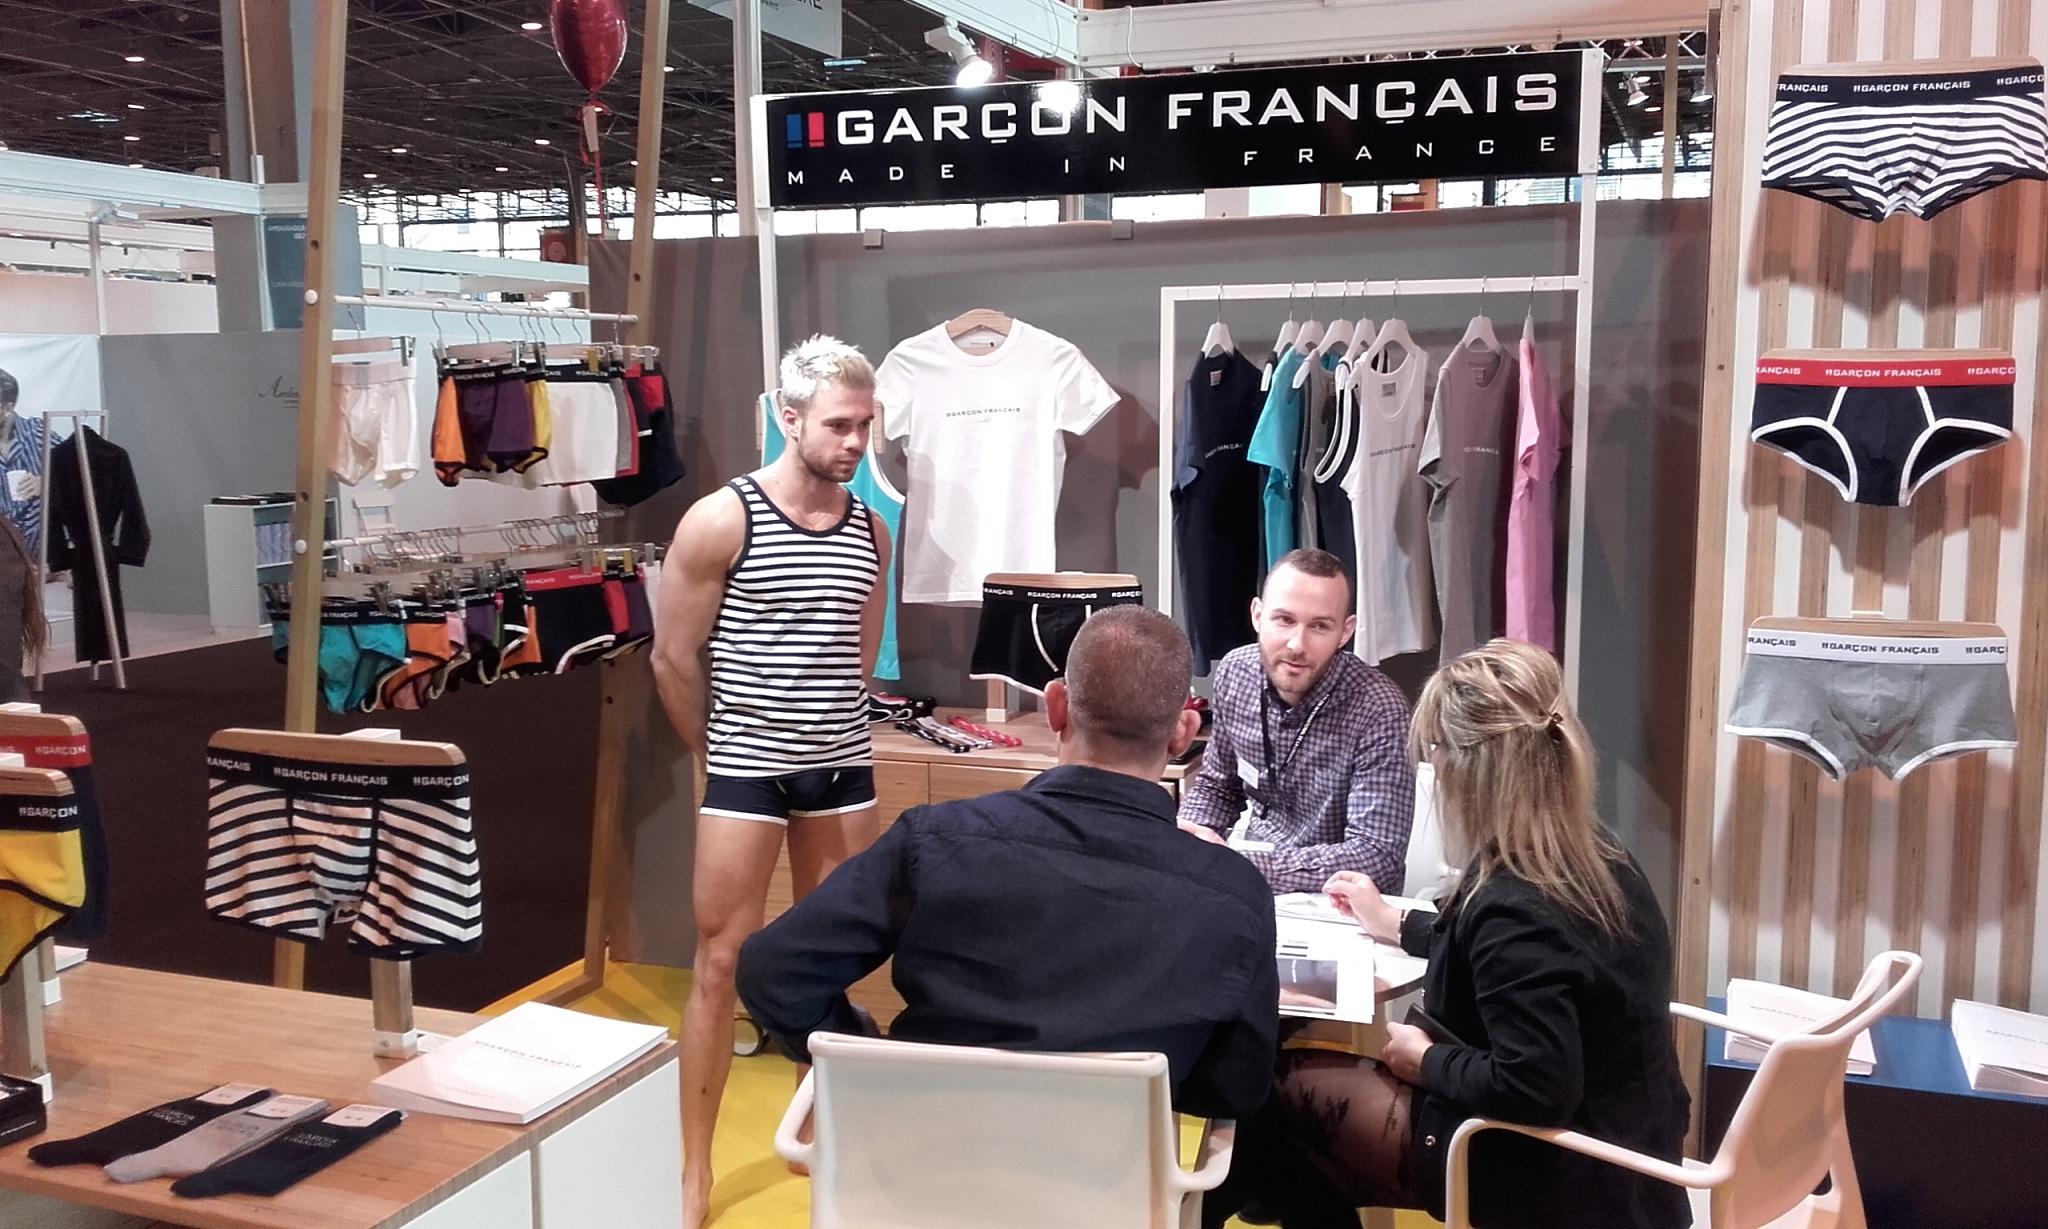 Salon international lingerie gar on fran ais for Salon international lingerie